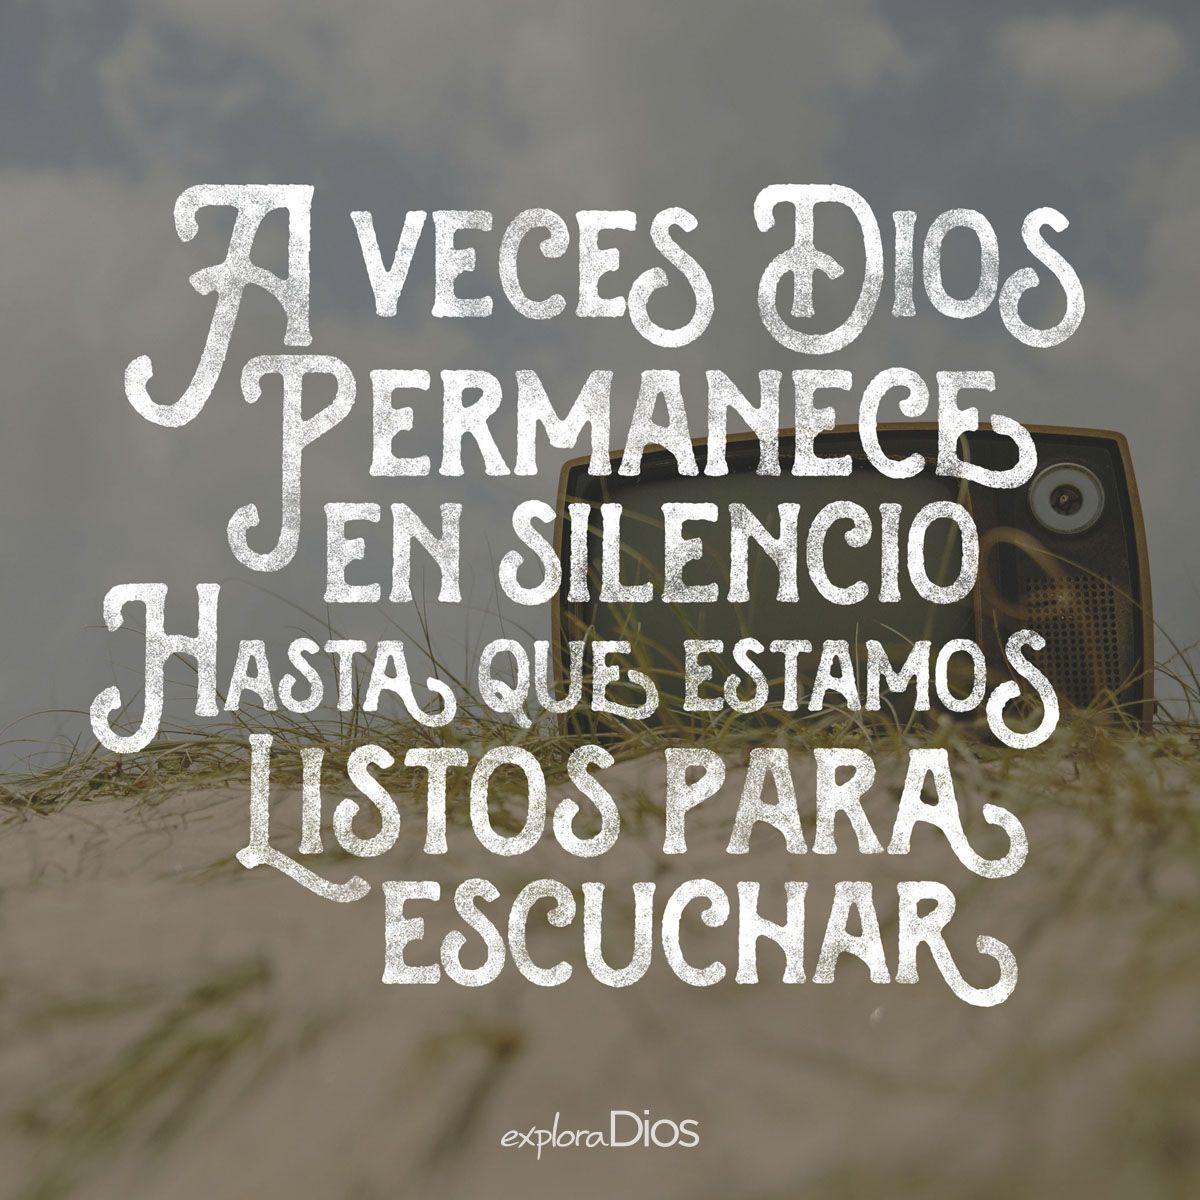 A Veces Dios Permanece En Silencio Hasta Que Estamos